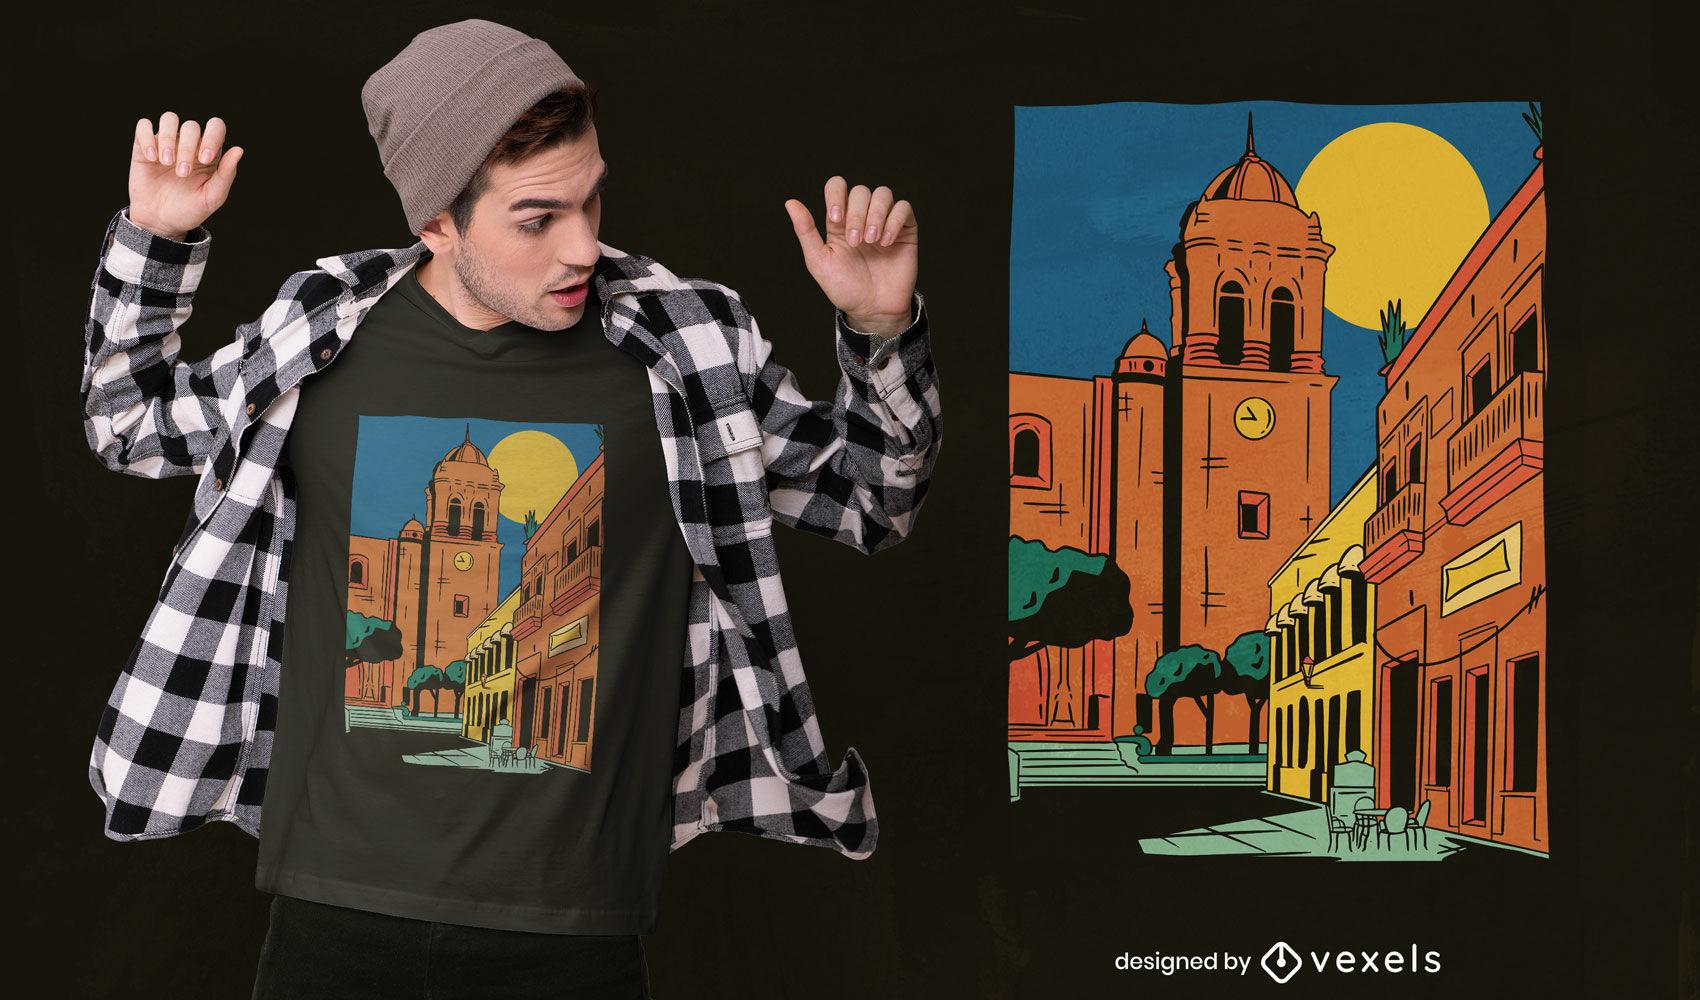 Dise?o de camiseta de la ciudad de Jalisco.